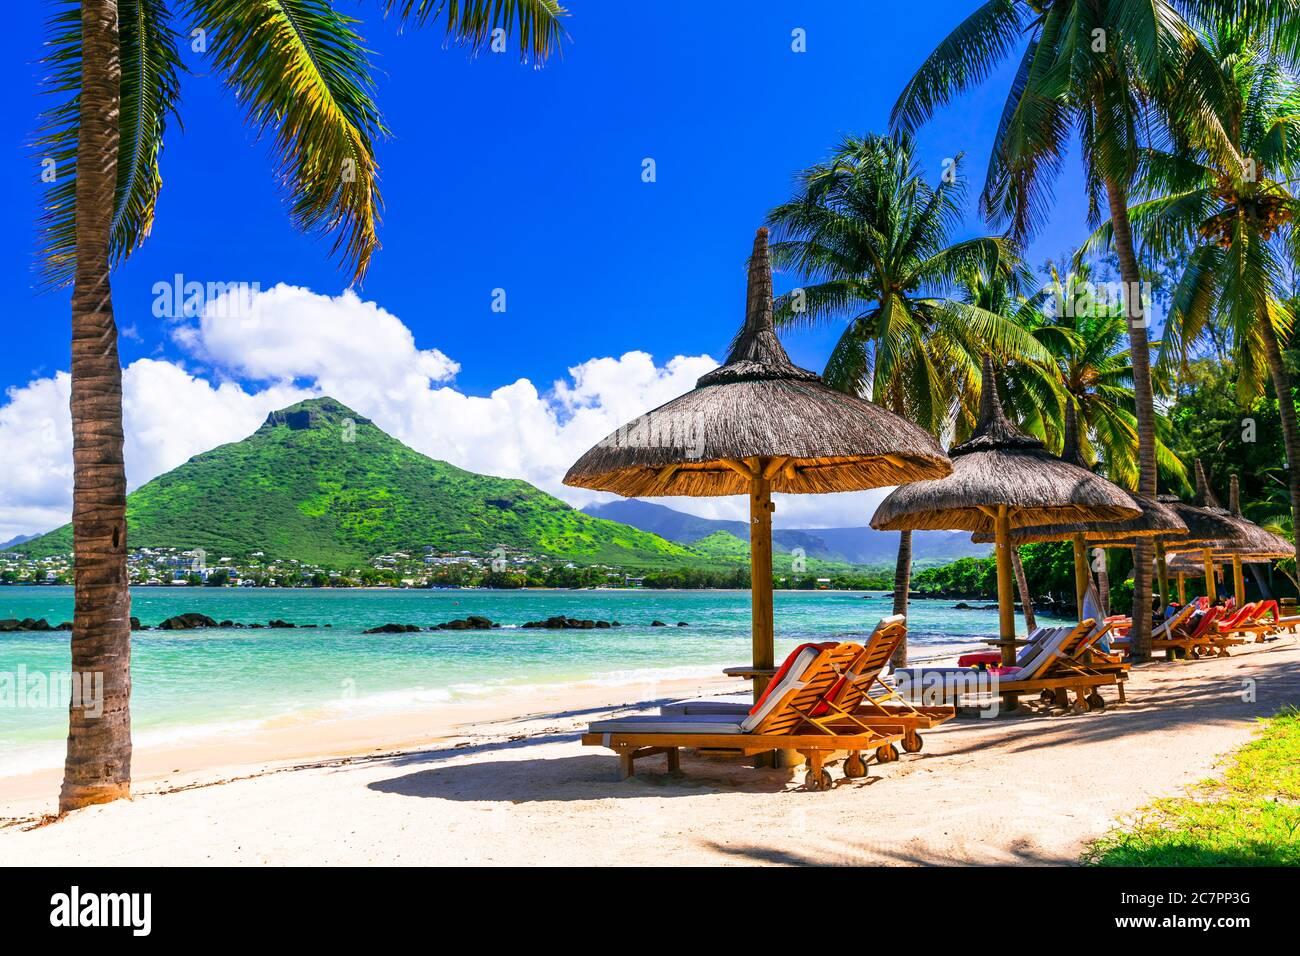 Erholsamer Urlaub im tropischen Paradies. Mauritius. Flic en Flac Strand, Blick auf Tamarin Berg Stockfoto